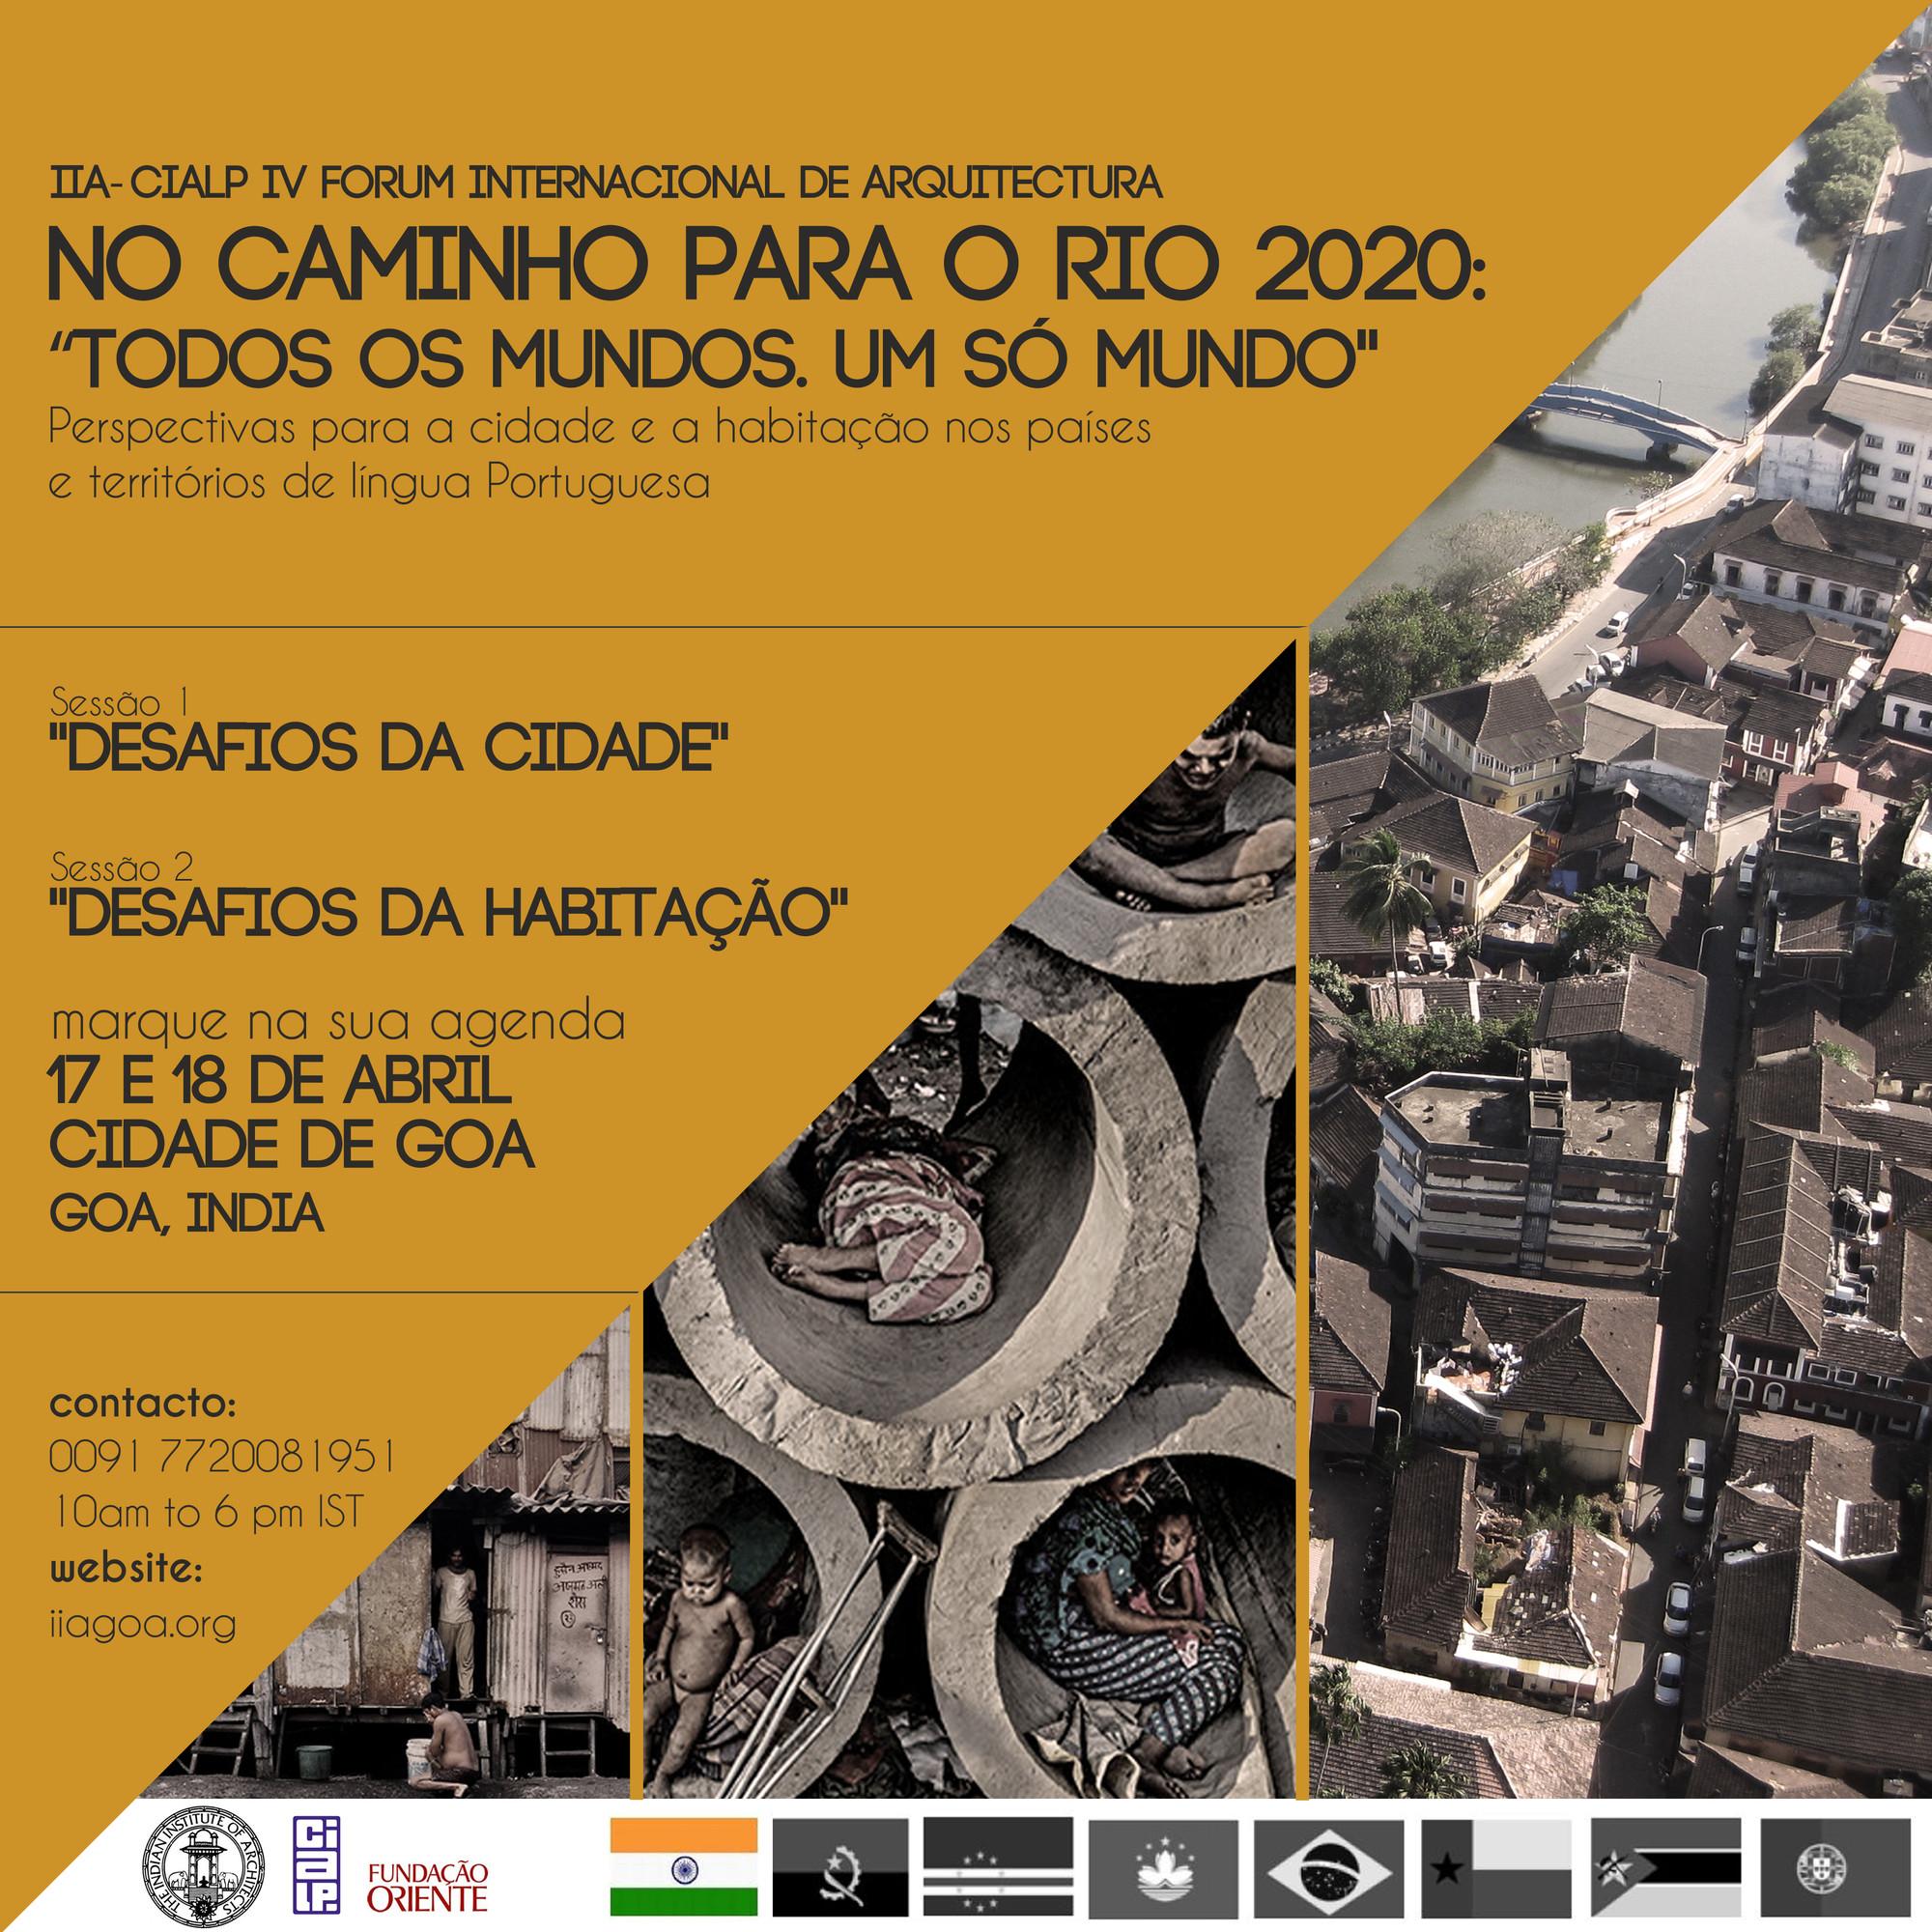 Fórum de Arquitetos de Língua Portuguesa marca integração do estado indiano de Goa, Cortesia de CIALP